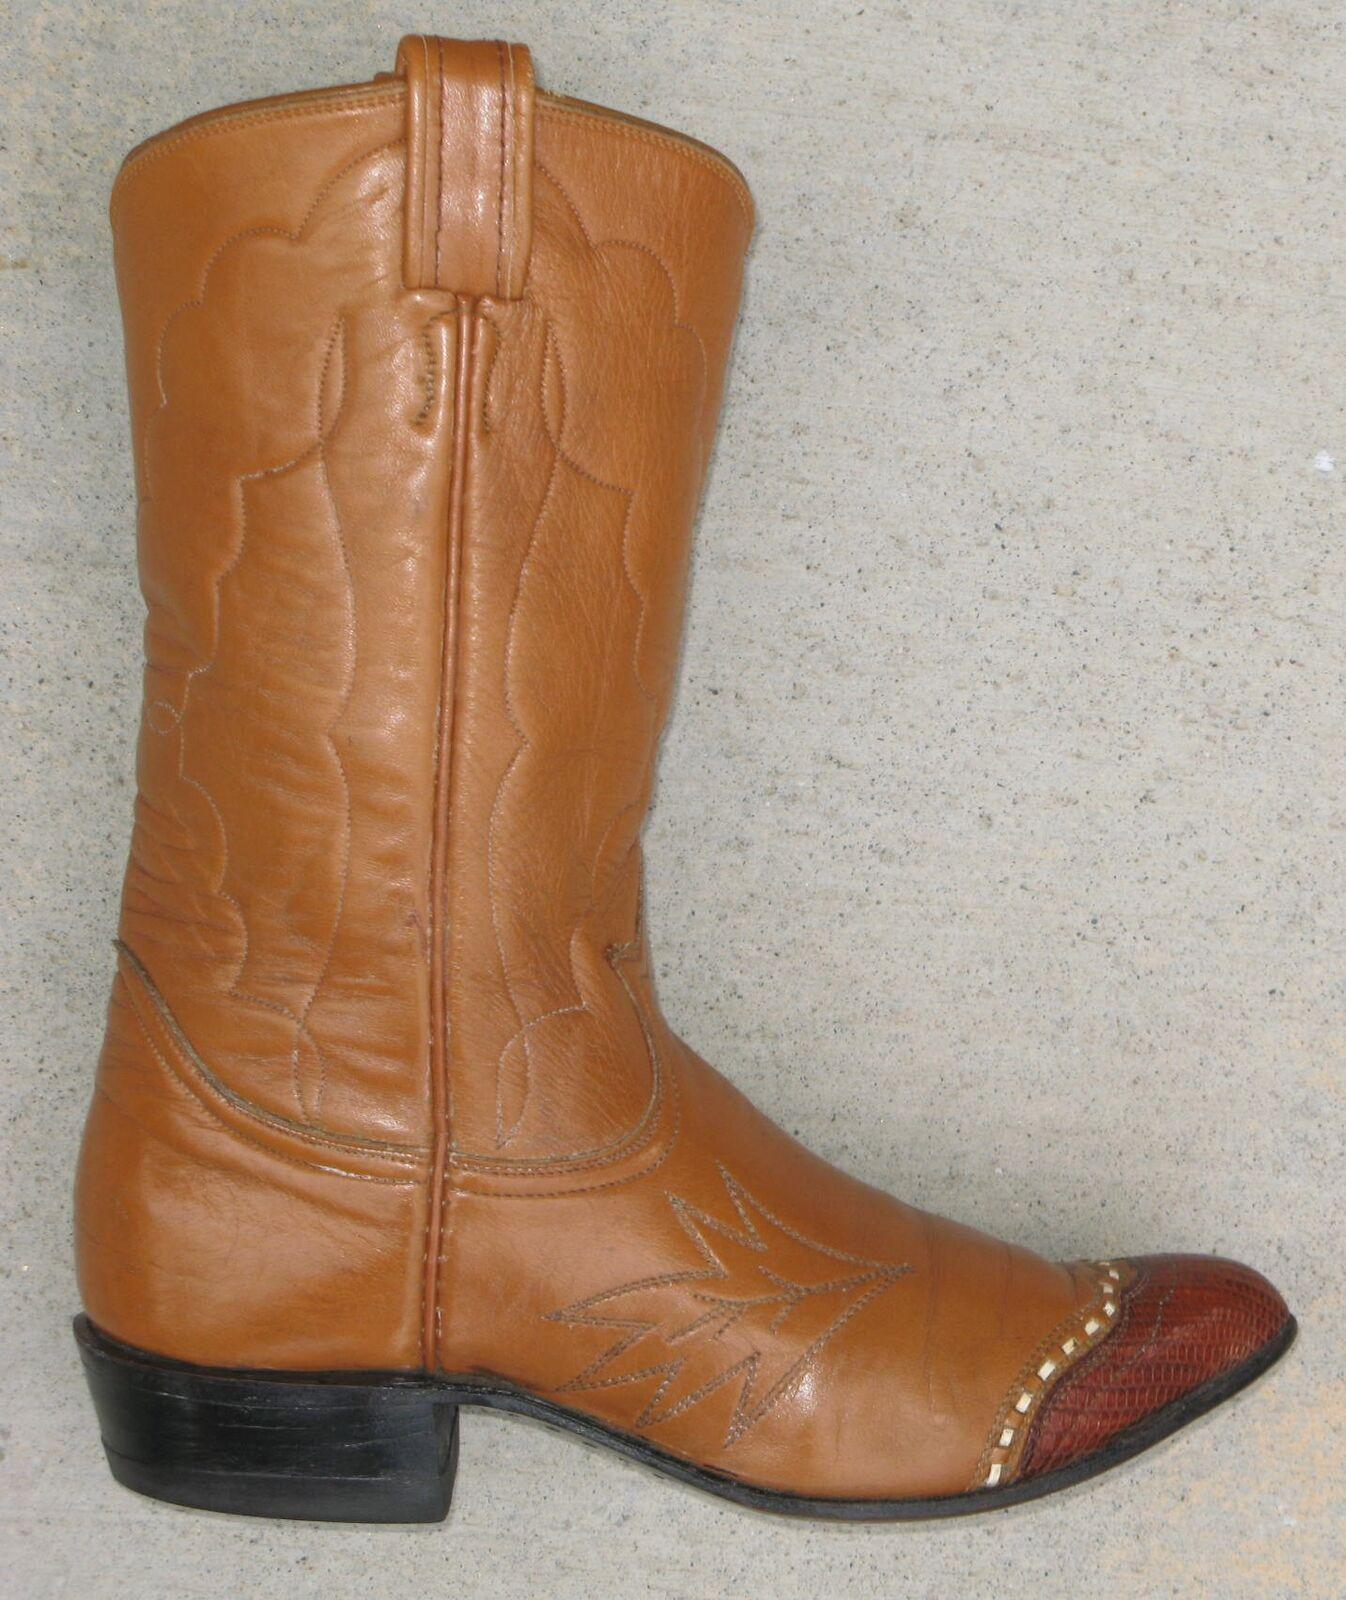 Tony Lama Vintage Damen Western Cowboy Stiefel Gr. 6 B Schwarze Beschriftung  | Hohe Qualität und geringer Aufwand